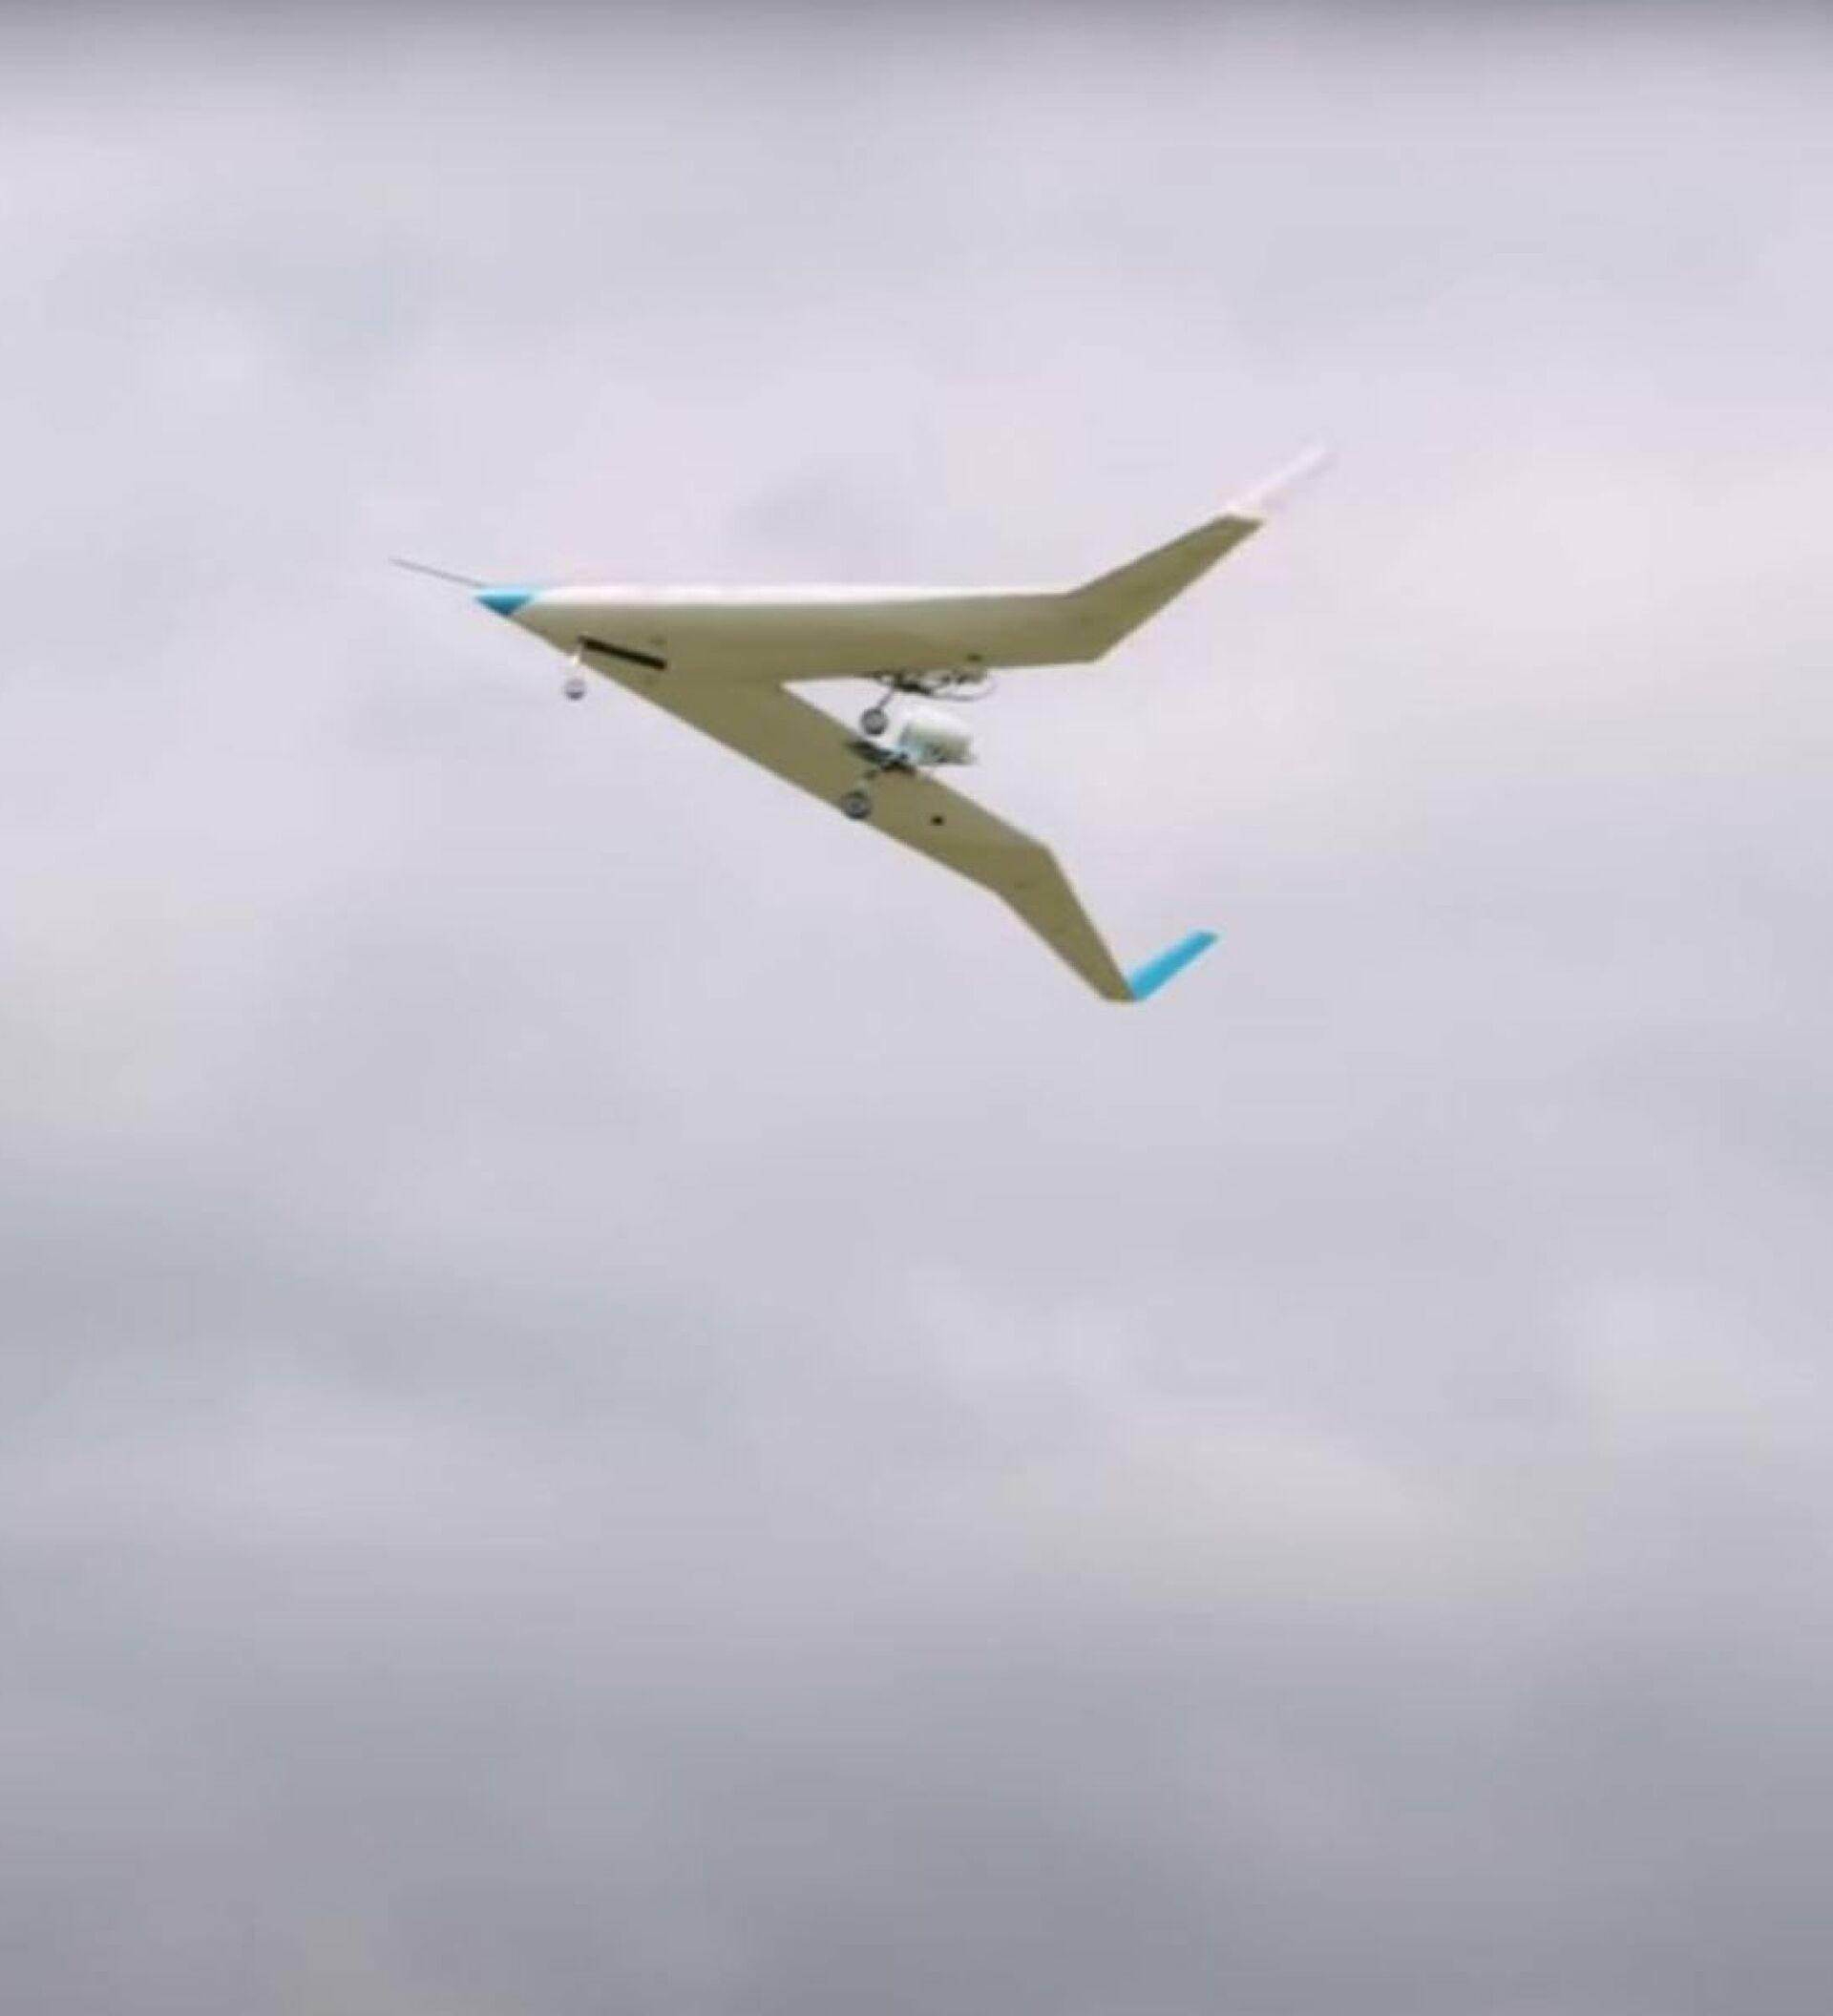 Een revolutionair V-vormig vliegtuig stijgt voor het eerst op